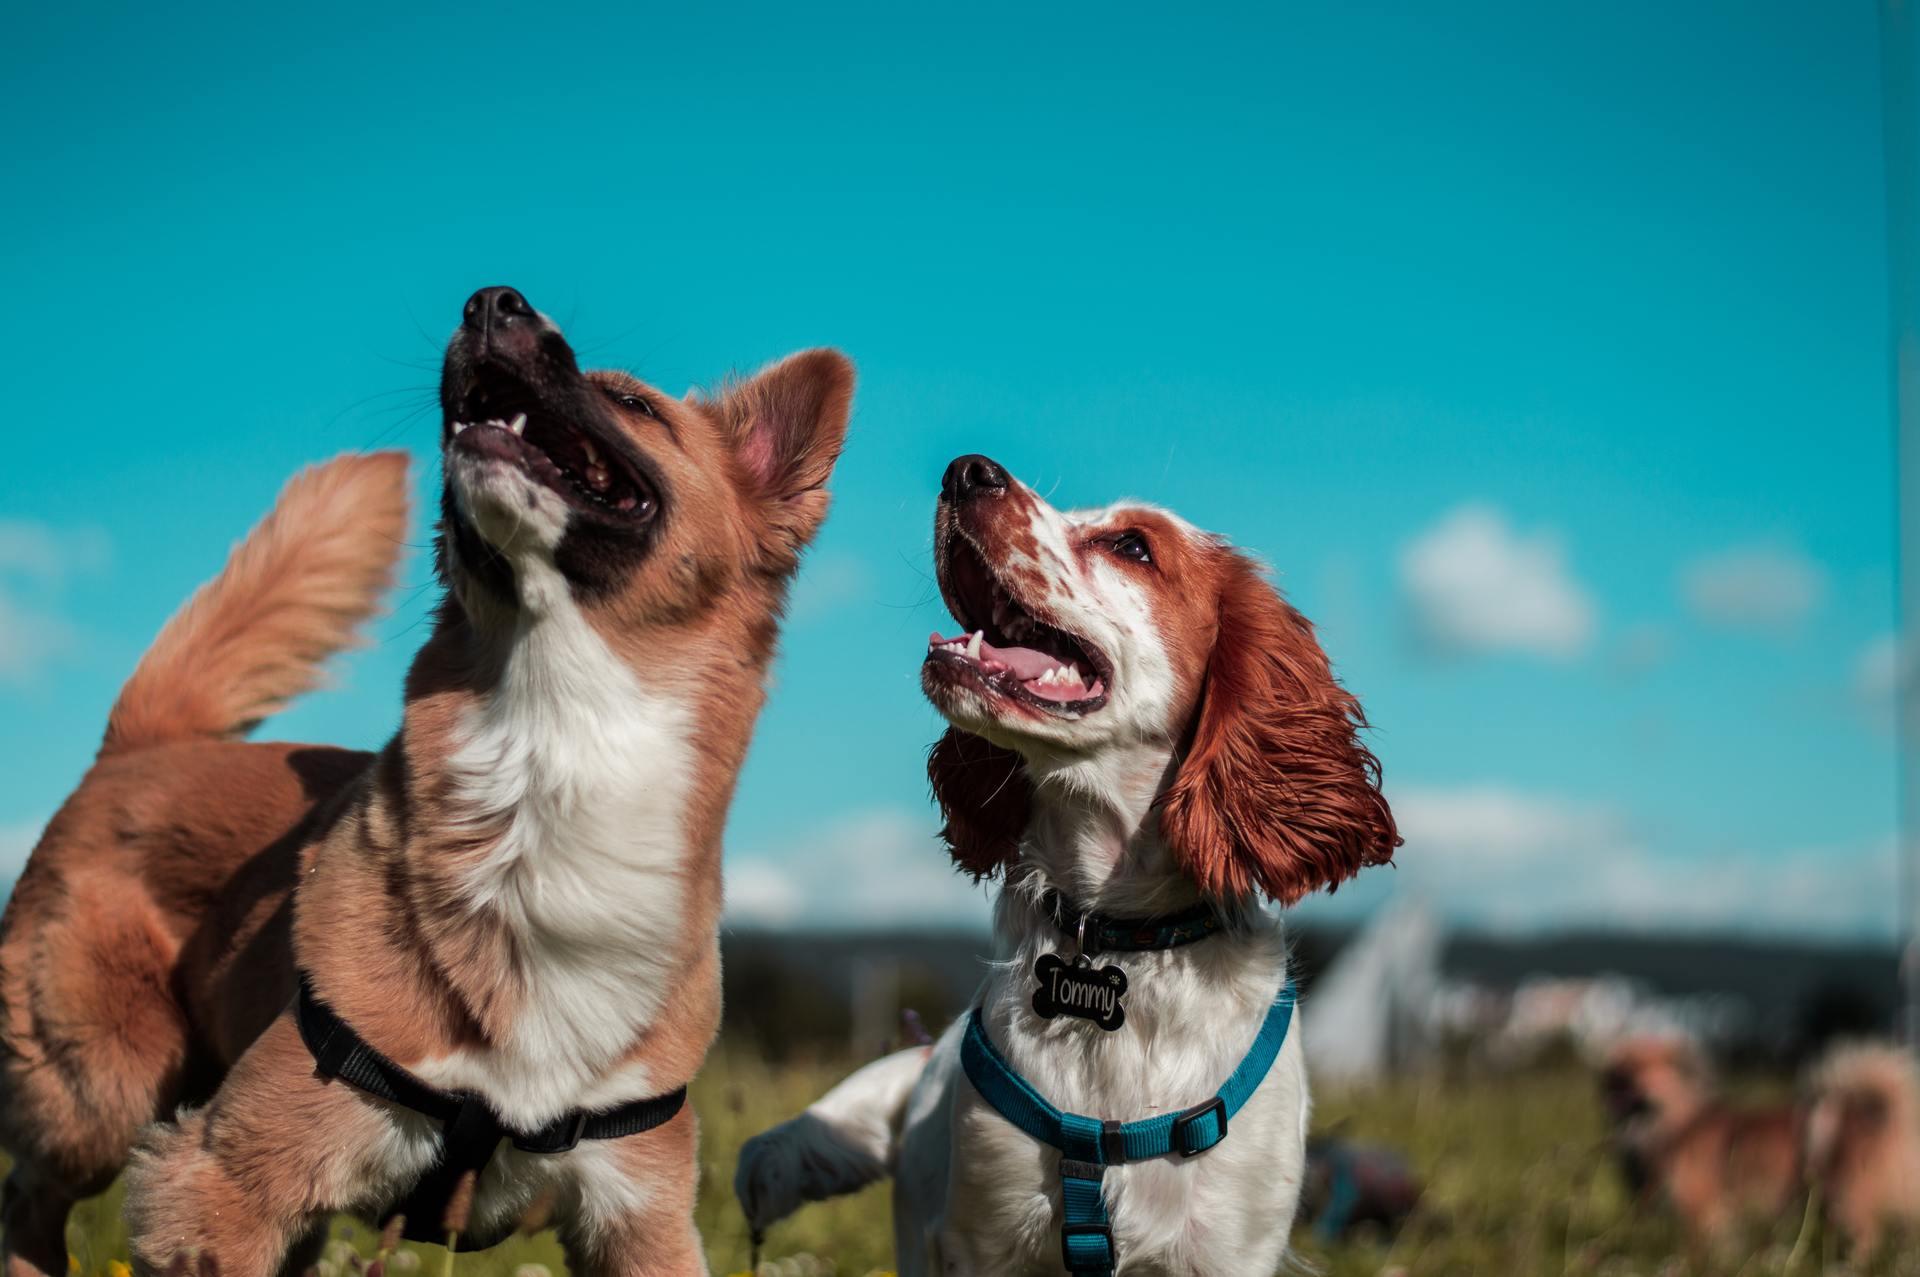 Дружелюбные, преданные, верные – собаки всегда заодно с человеком. Существуют ли более трогательные истории, чем те, которые рассказывают в фильмах про собак?